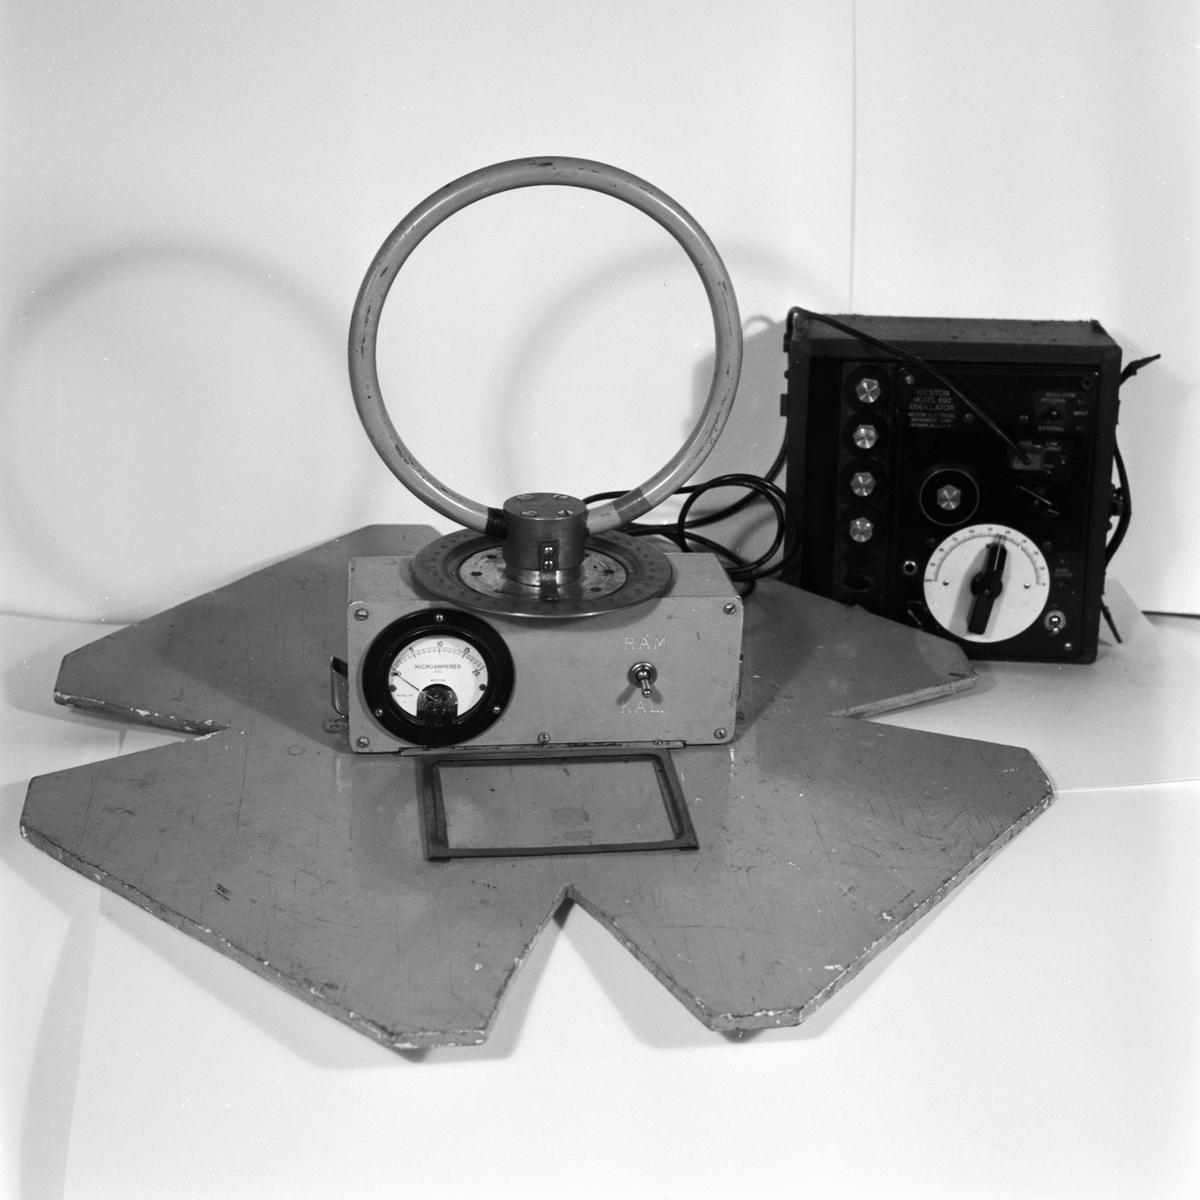 Övrigt: Foto datum: 17/3 1956 Byggnader och kranar Mätinstrument avd 63. Närmast identisk bild: V8817 och V8819, ej skannade